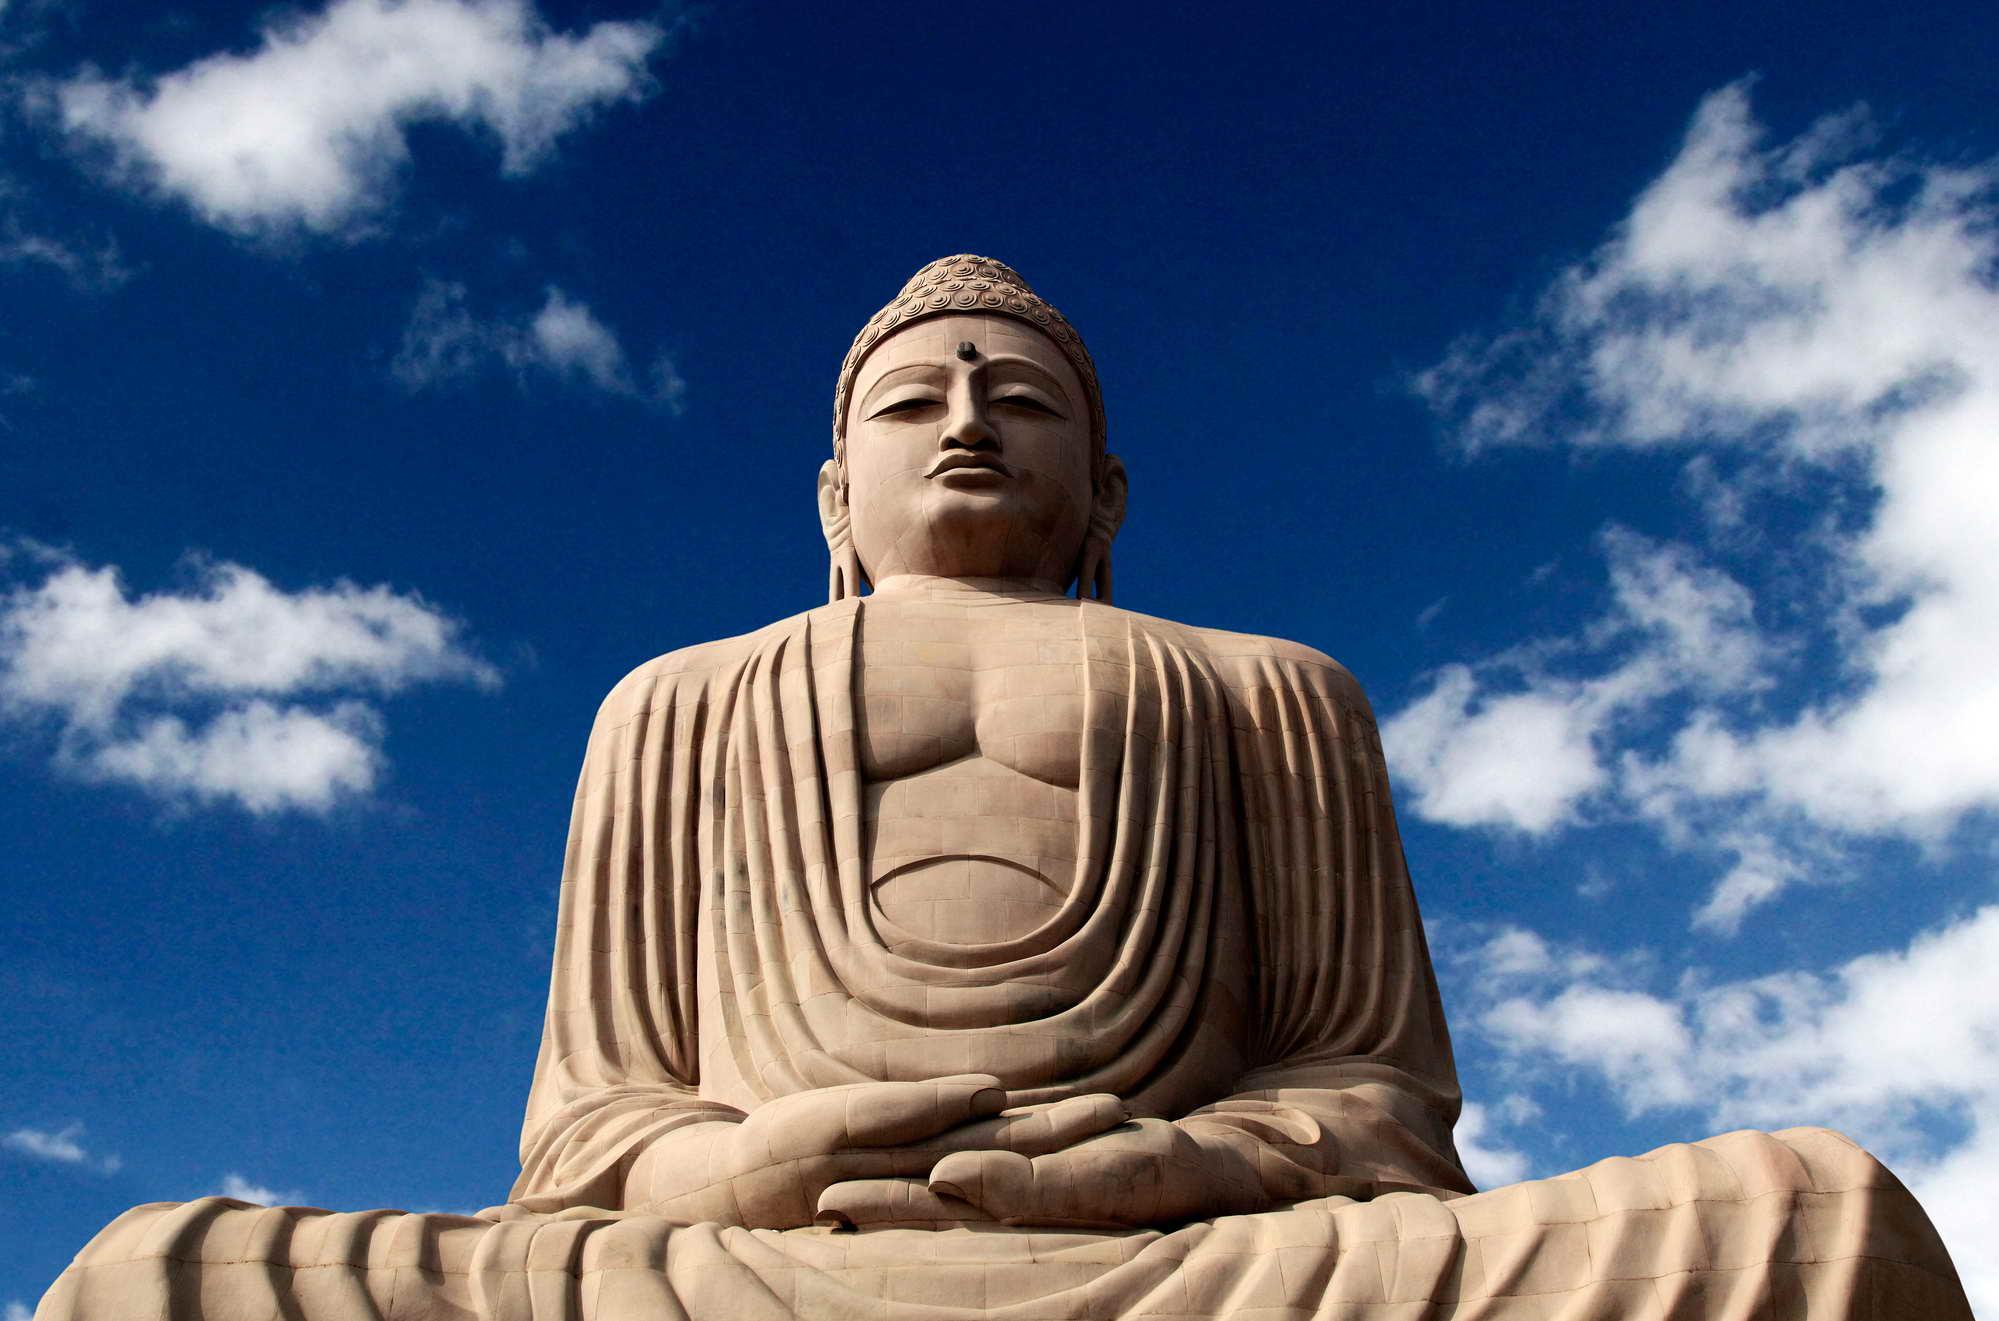 Bodhgaya in Nordindien zählt seit 2002 zum UNESCO Weltkulturerbe und ist ein buddhistisches Pilgerzentrum mit vielen Tempeln und Klöstern. Die meditierende Buddhastatue wurde 1989 vom Dalai Lama enthüllt.